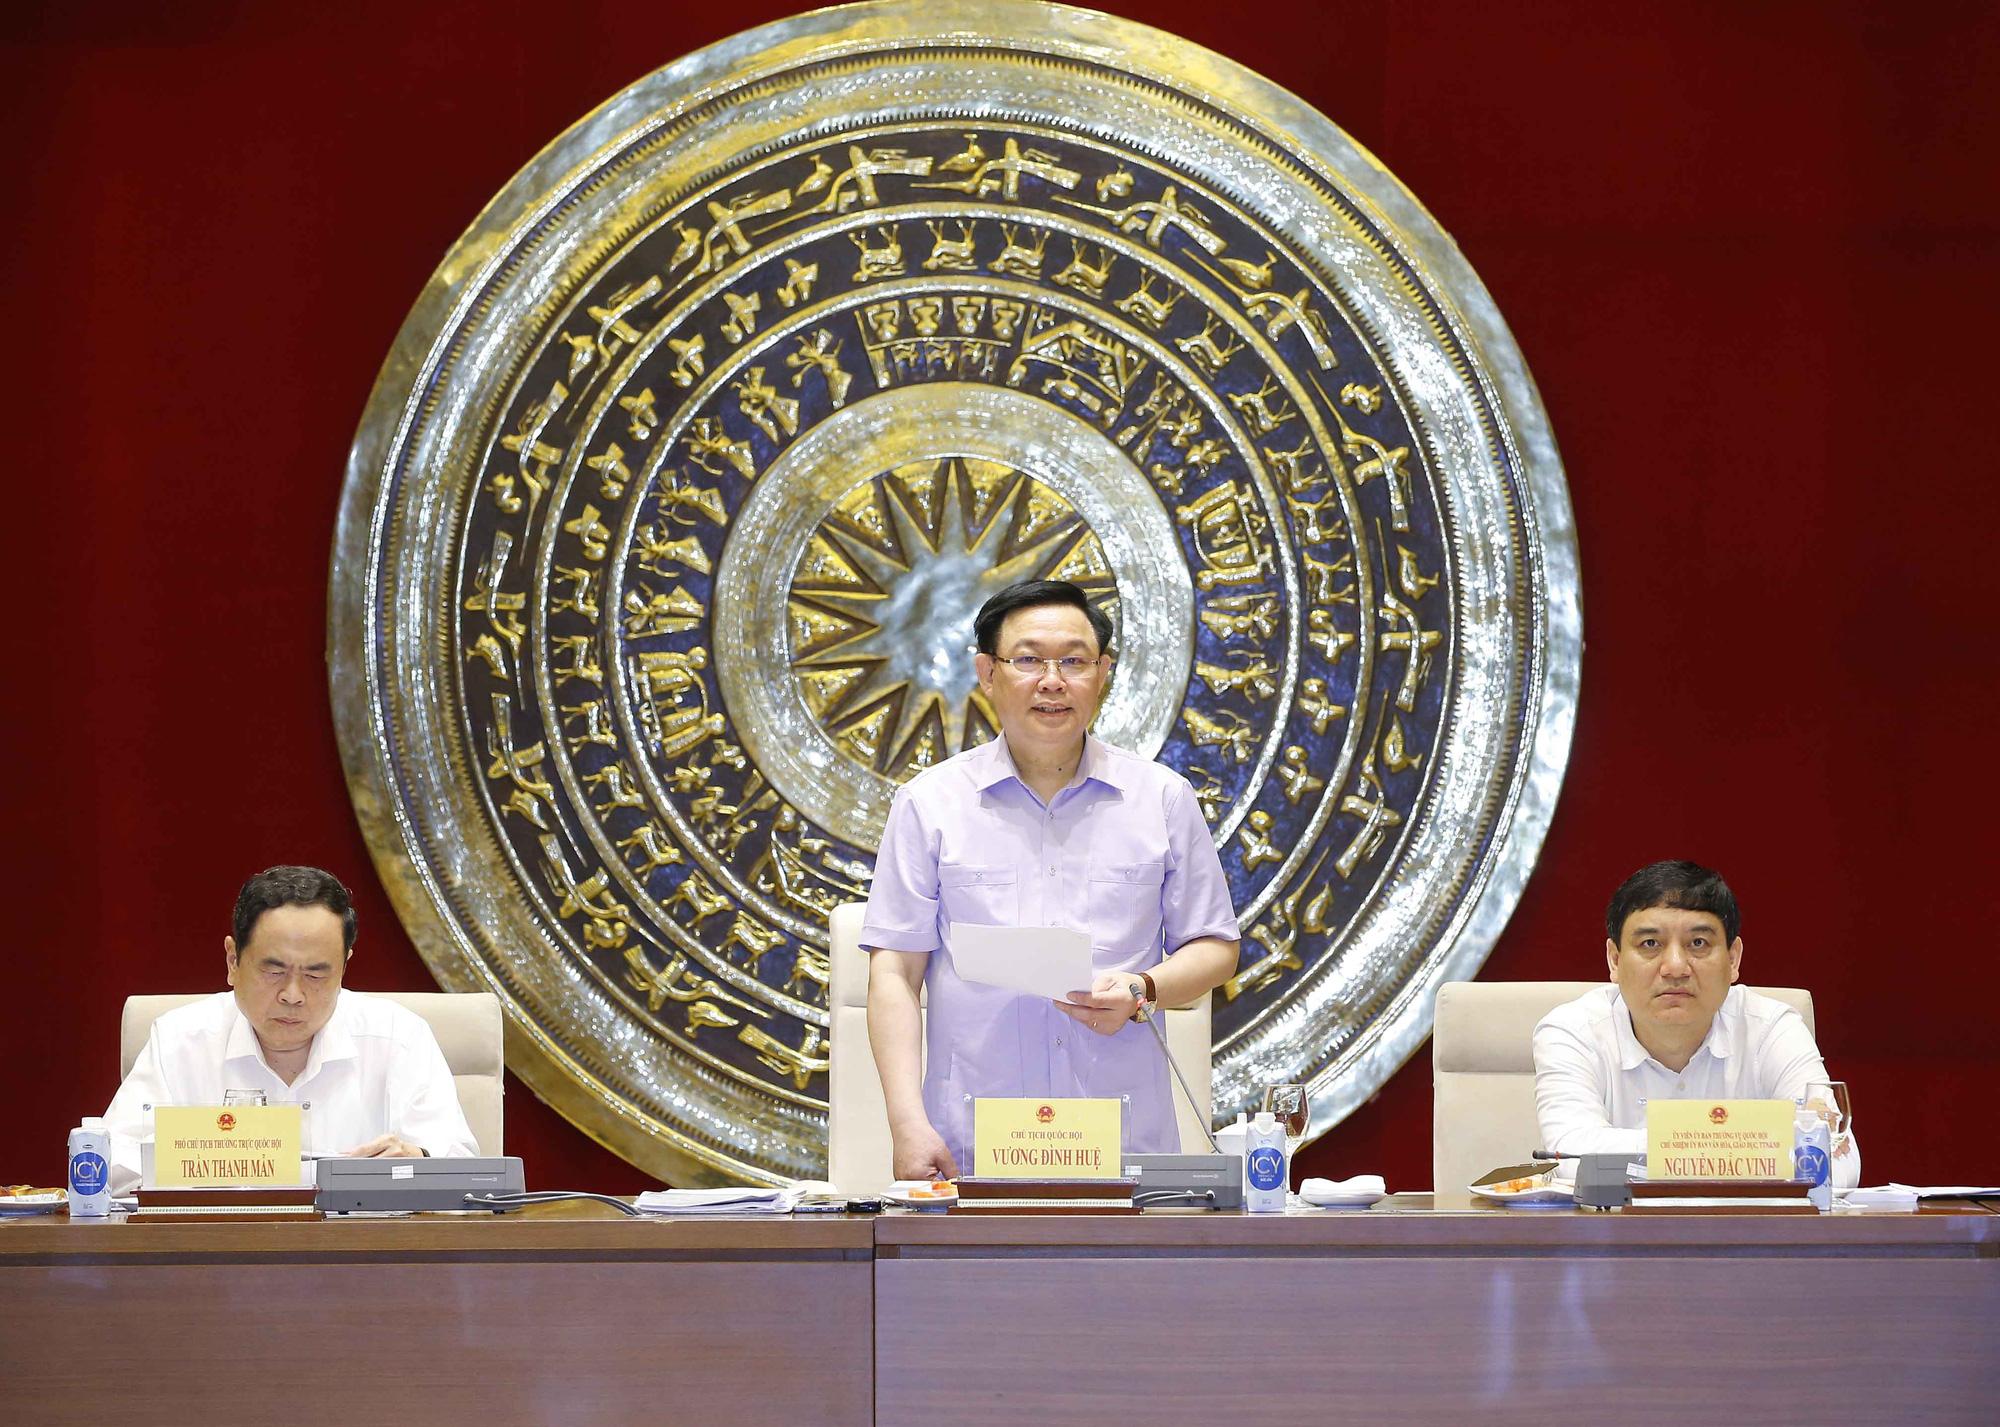 Chủ tịch Quốc hội Vương Đình Huệ: Chống lạm quyền trong thực hiện giám sát  - Ảnh 1.